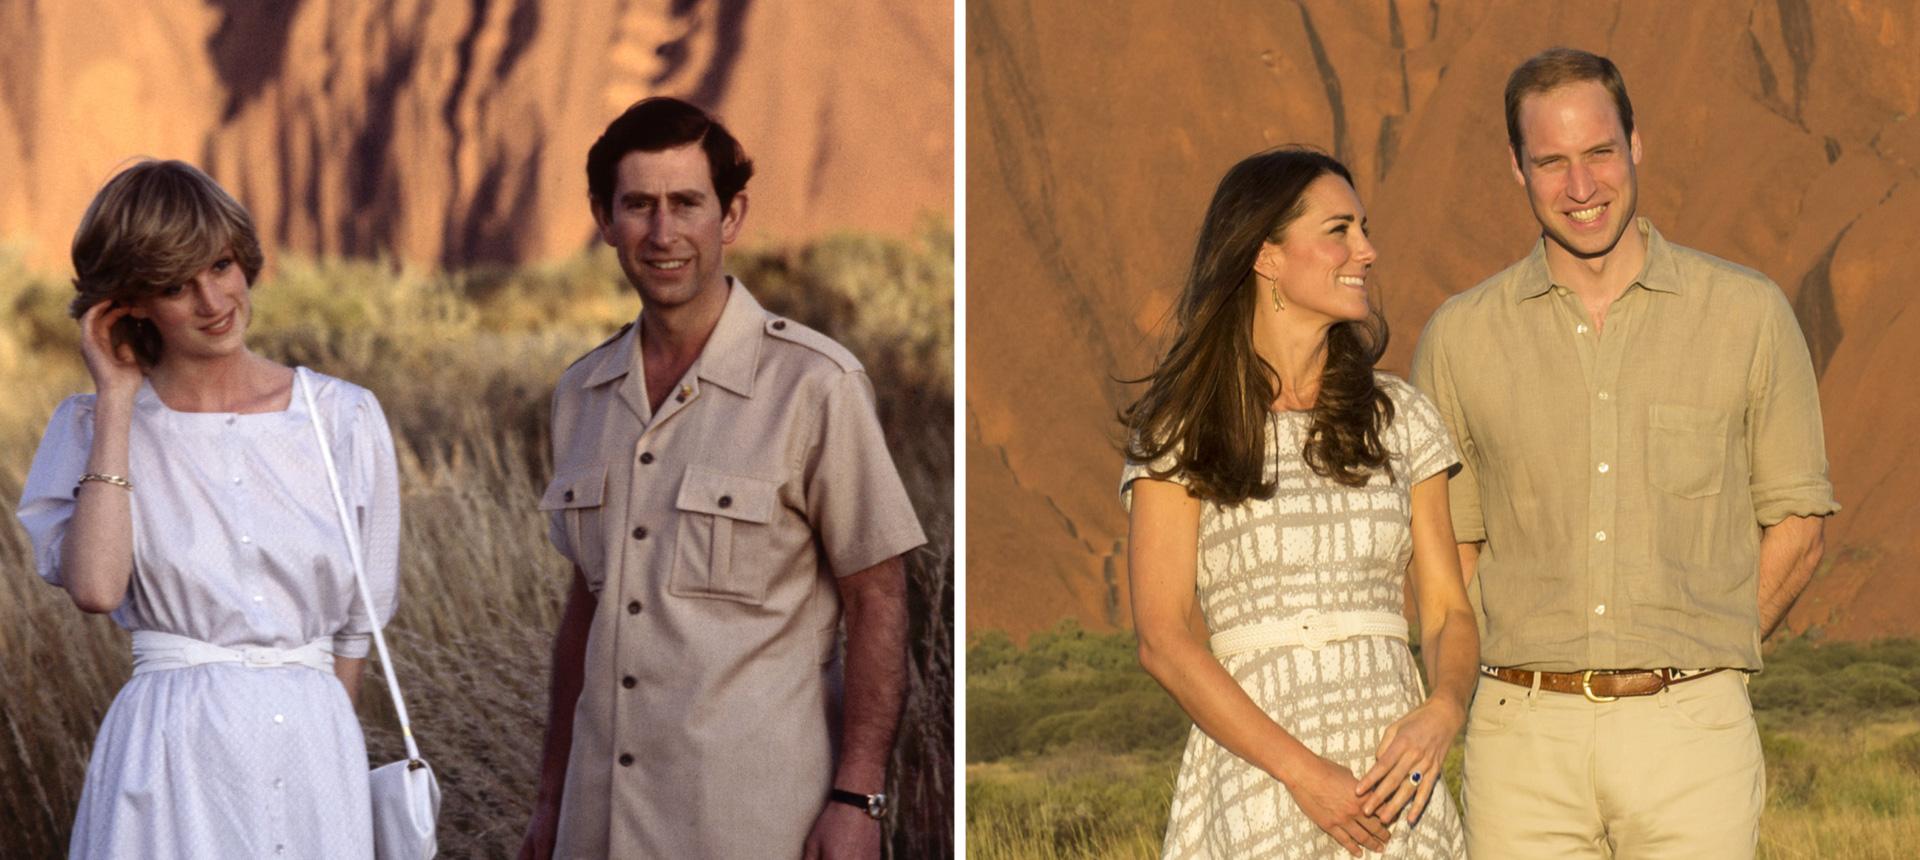 Princess Diana and Kate Middleton wearing white